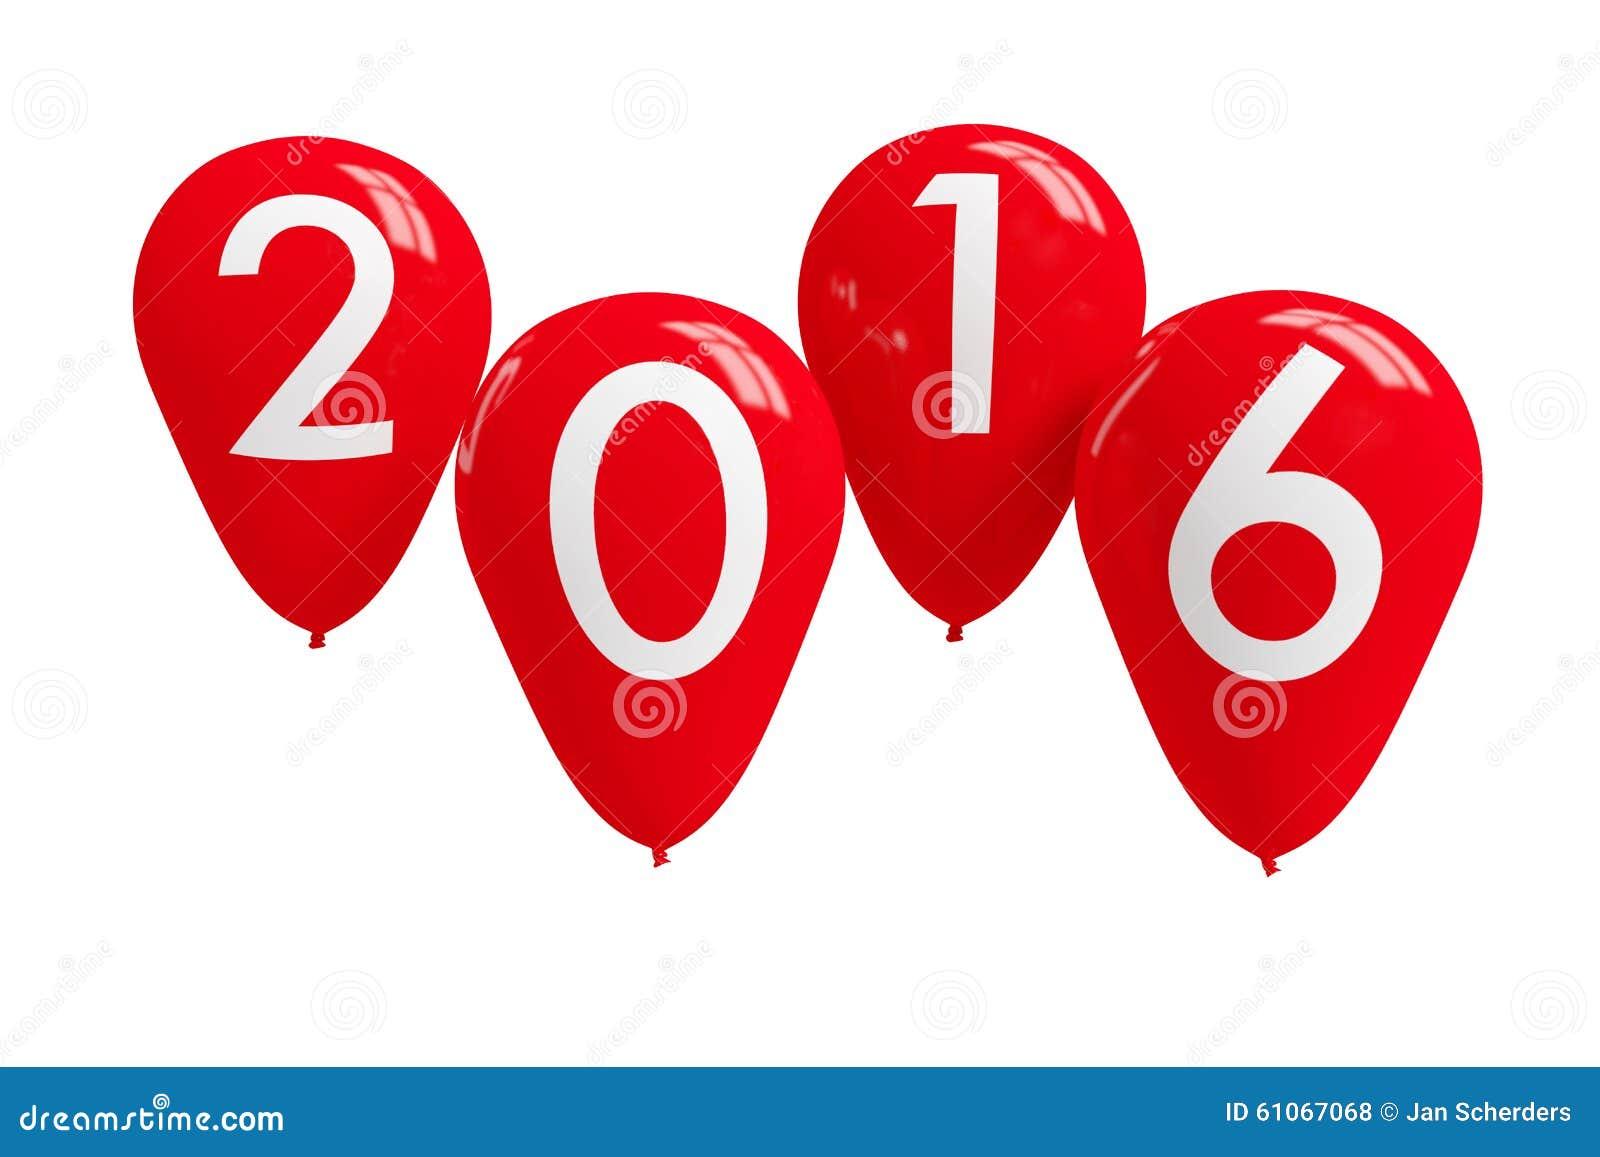 Szczęśliwy nowy rok 2016